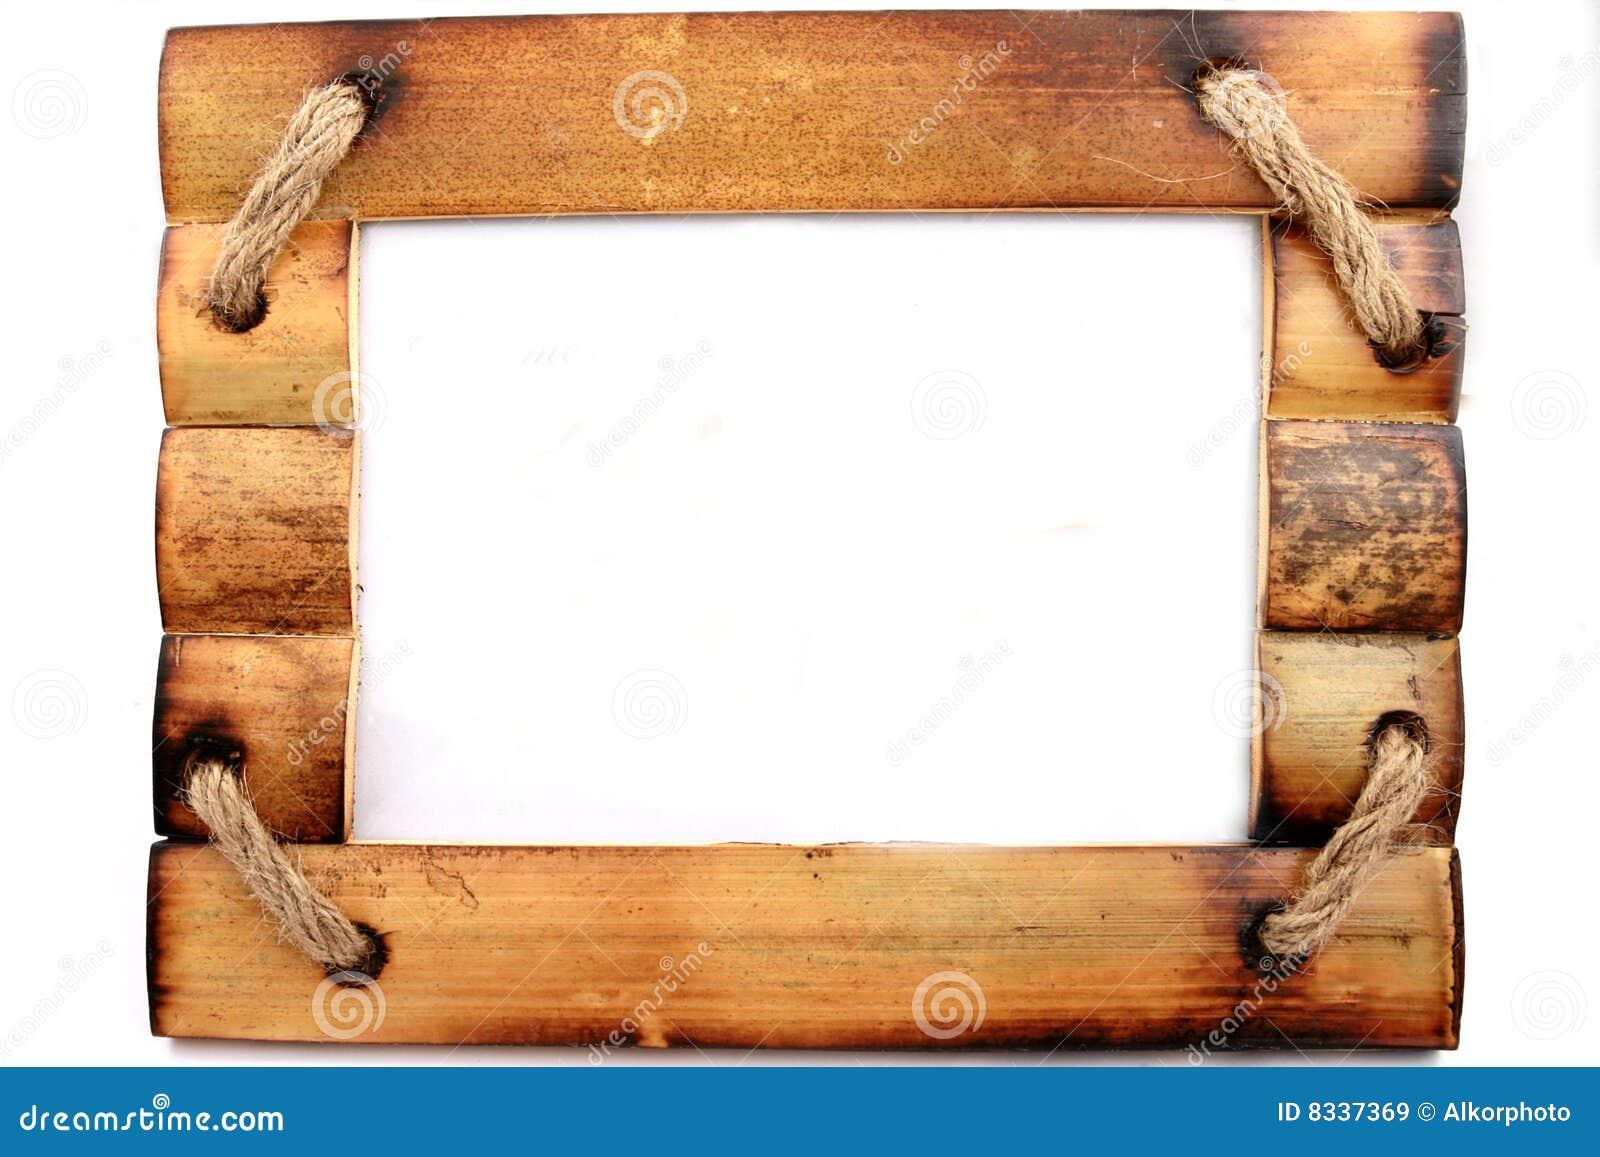 Holzrahmen stockbild. Bild von foto, weiß, bild, hölzern - 8337369